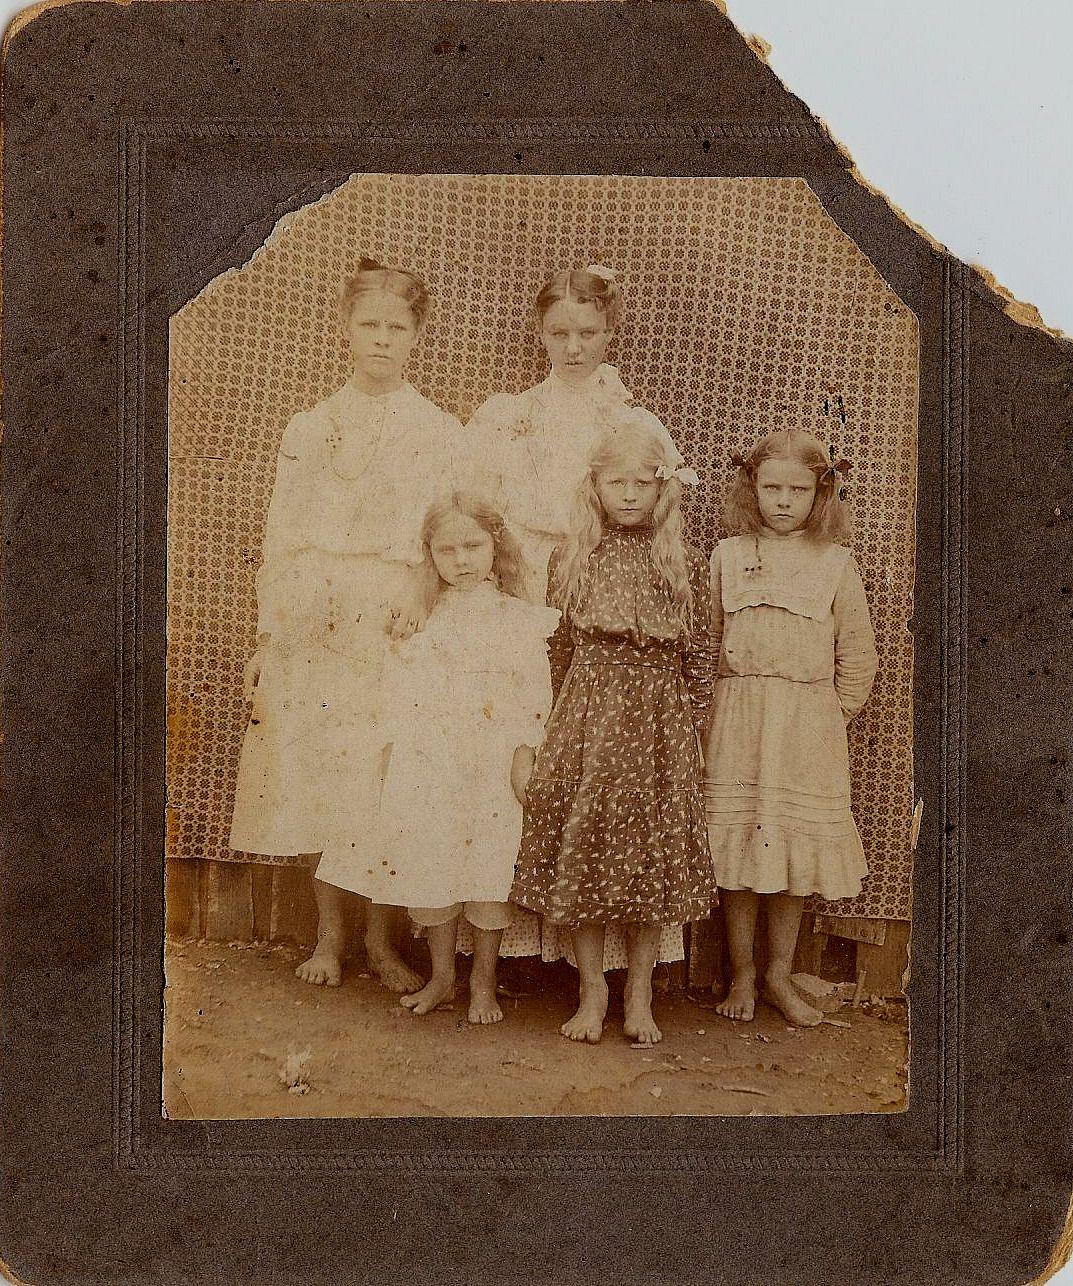 http://1.bp.blogspot.com/_Inp7vKtCsBk/TJ5Yhd3S25I/AAAAAAAAELs/545NODLpuKs/s1600/Sep+25++little+barefoot+girls.jpg